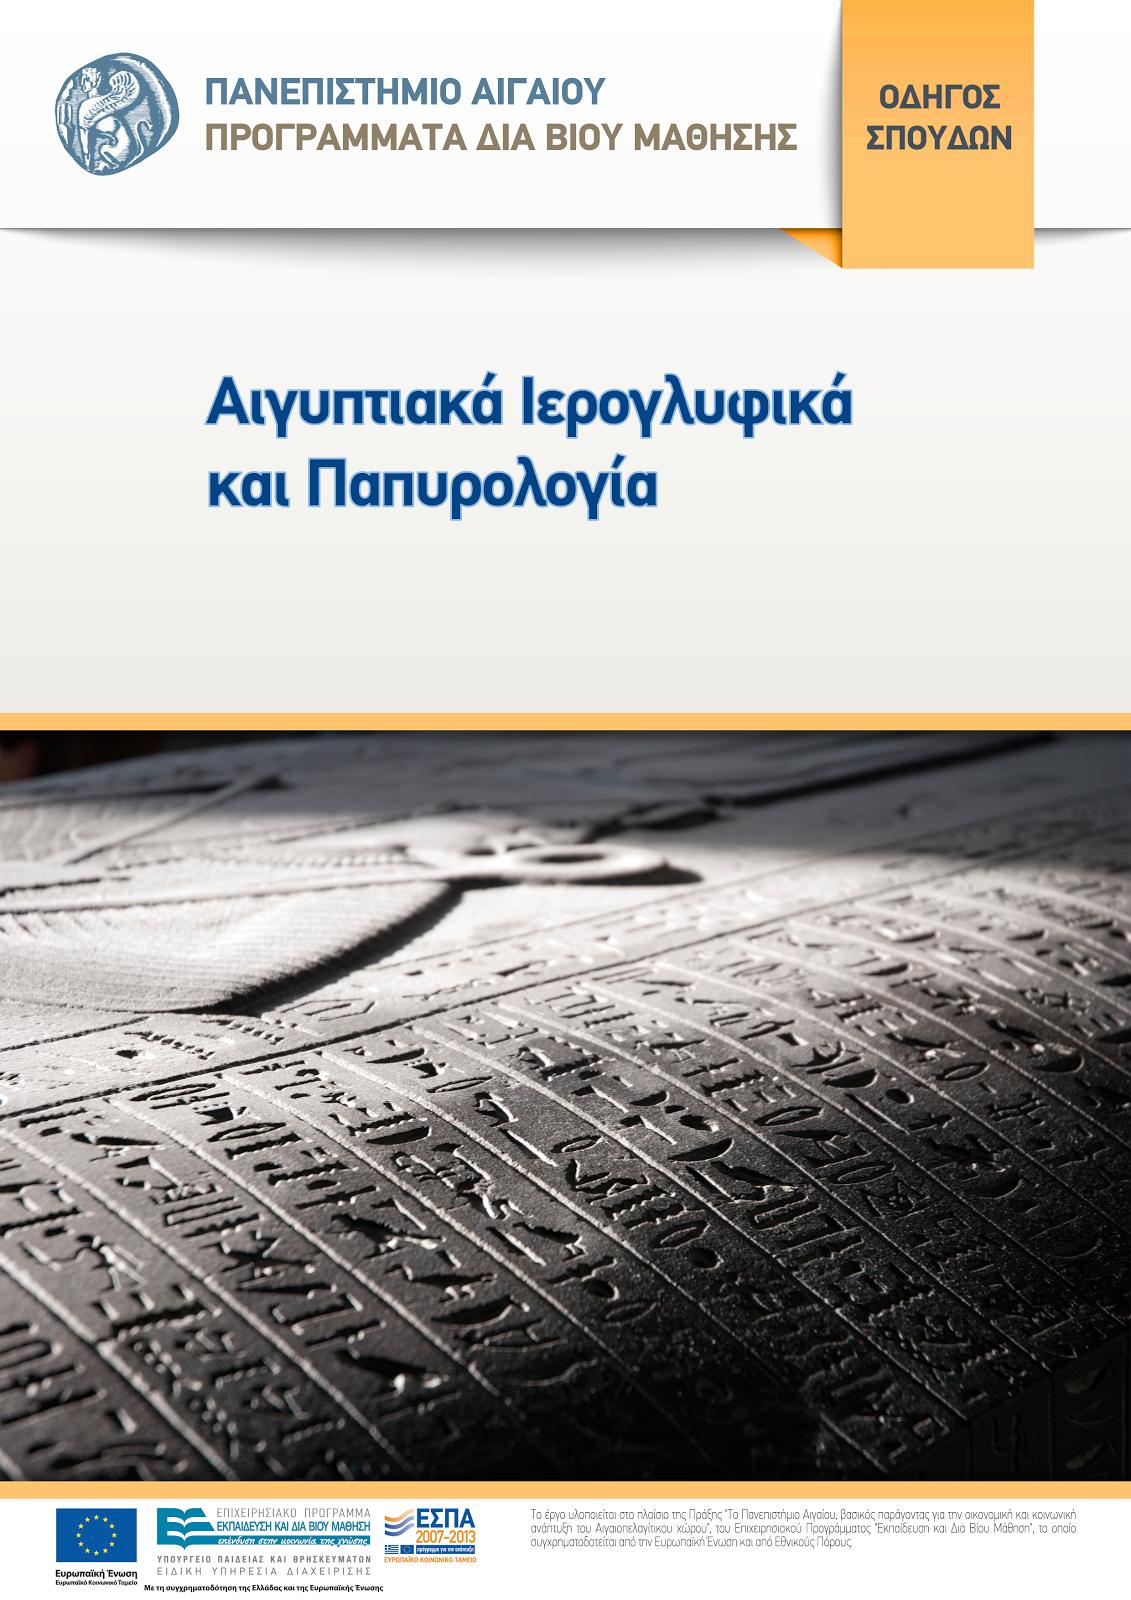 Καινοτόμα Προγράμματα Ε-Learning από το Πανεπιστήμιο Αιγαίου!